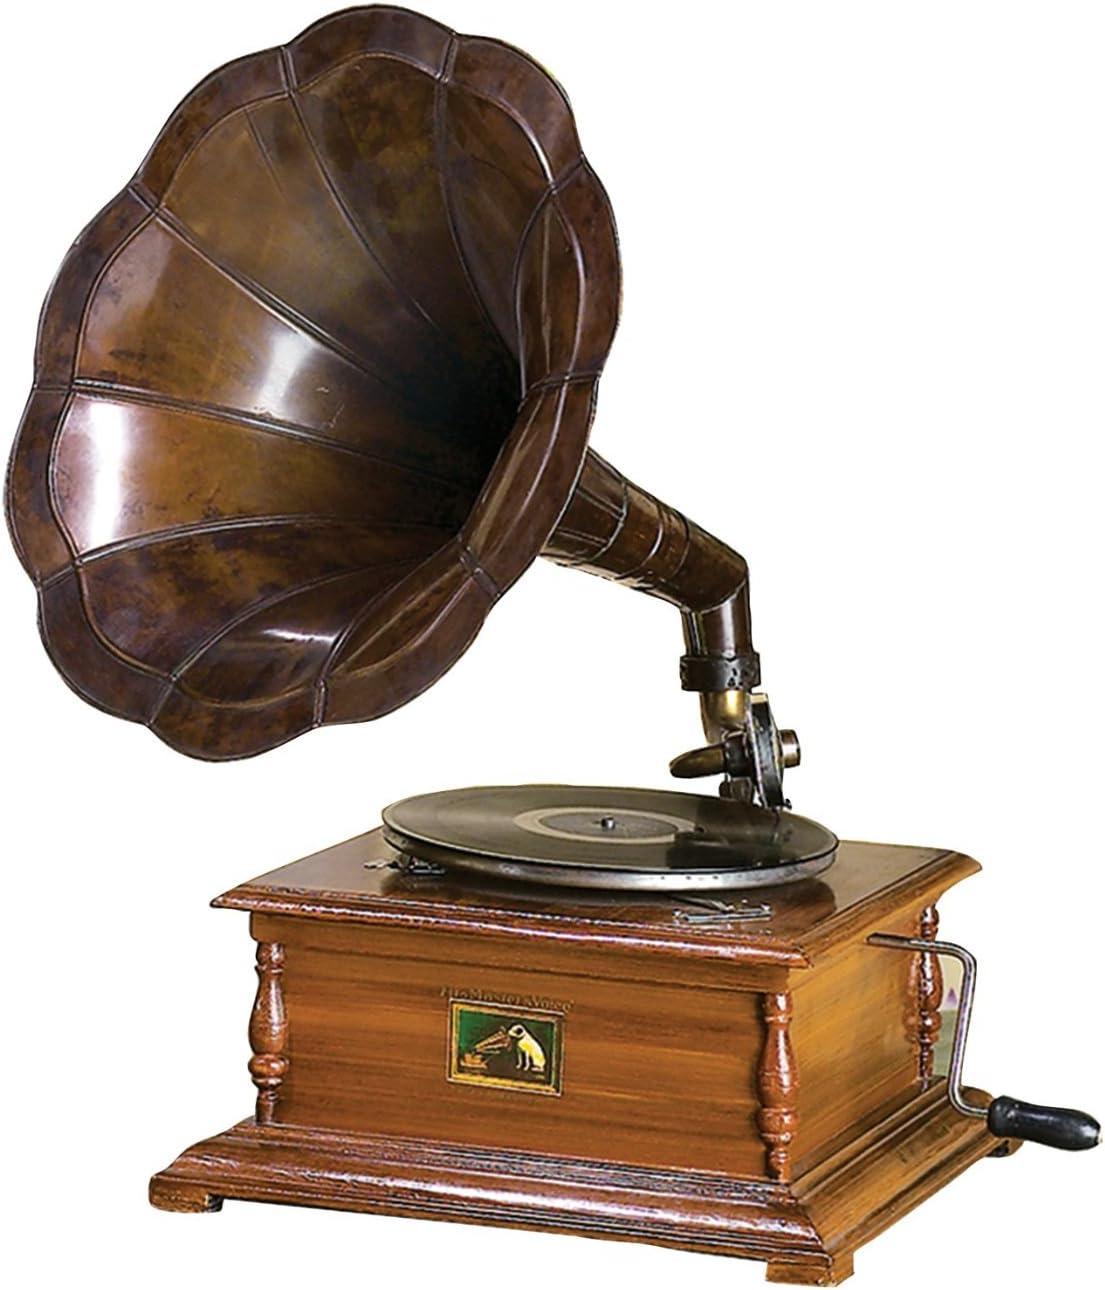 Réplica RCA Victor gramófono Tocadiscos con cuadrado y latón ...